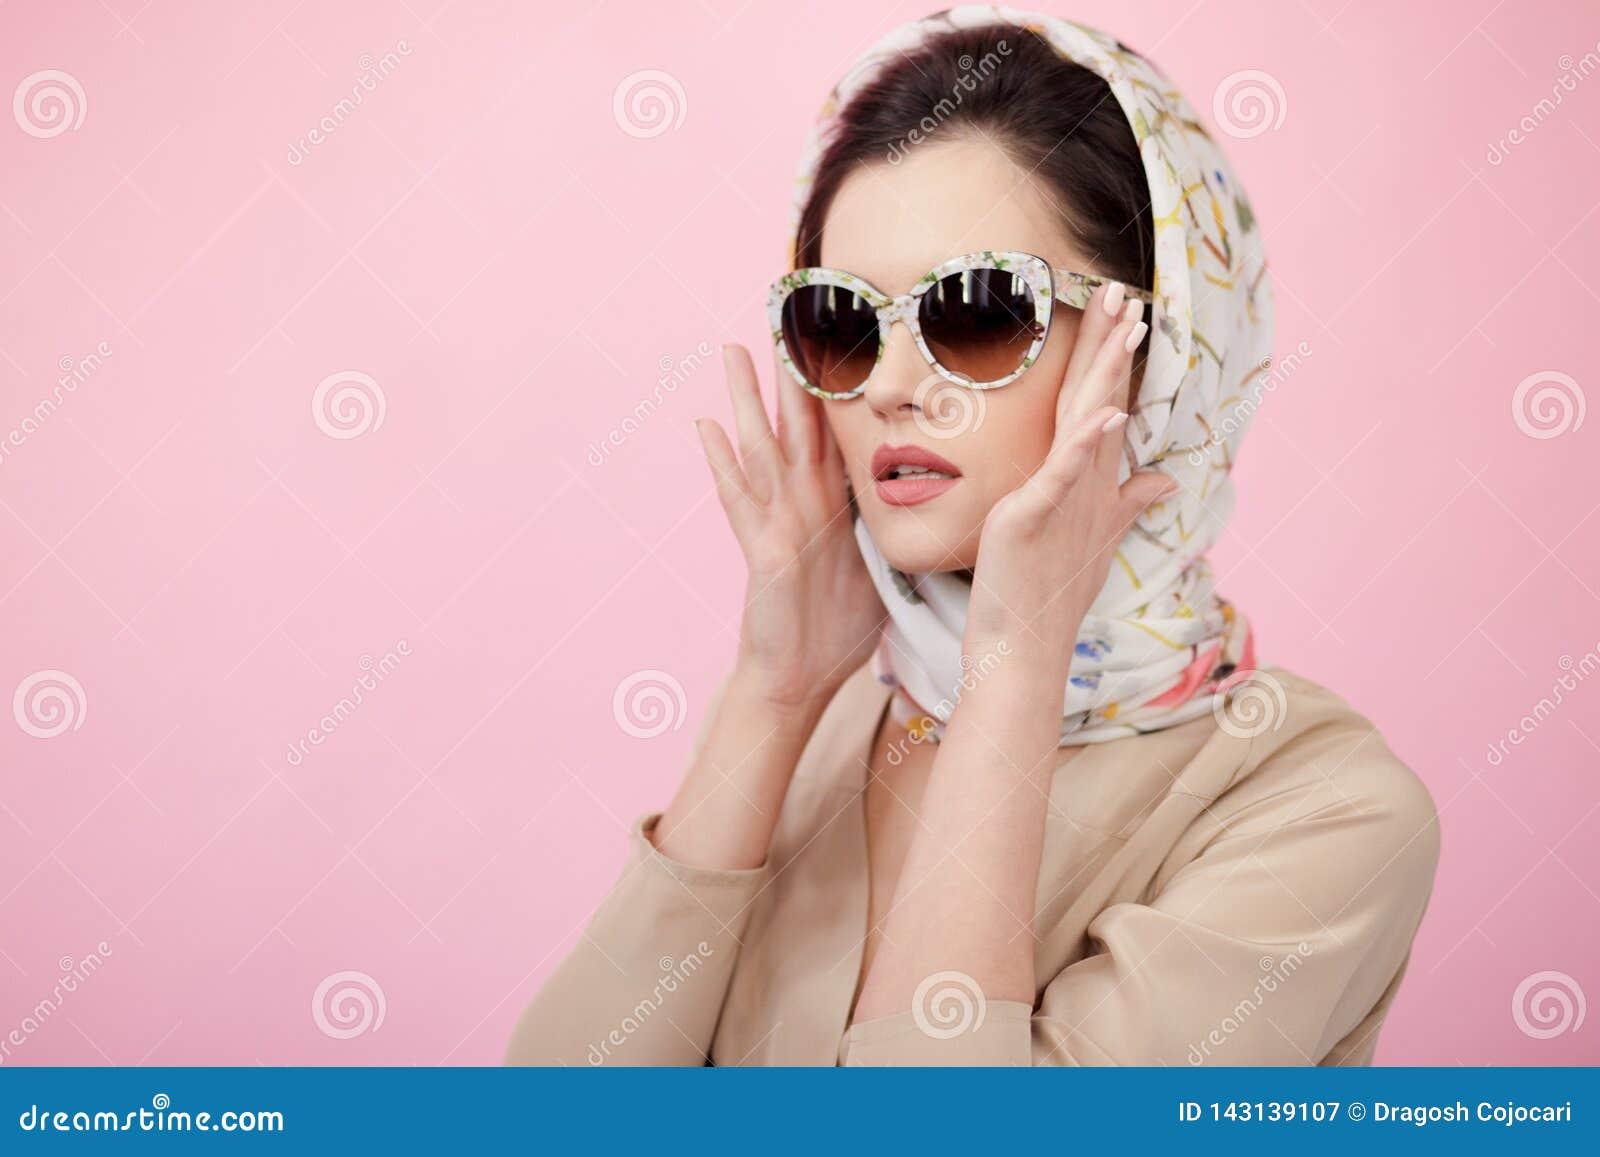 Die attraktive junge Frau, die im Seidenschal trägt, berührt seine Sonnenbrille mit seinen Händen, lokalisiert auf rosa Hintergru